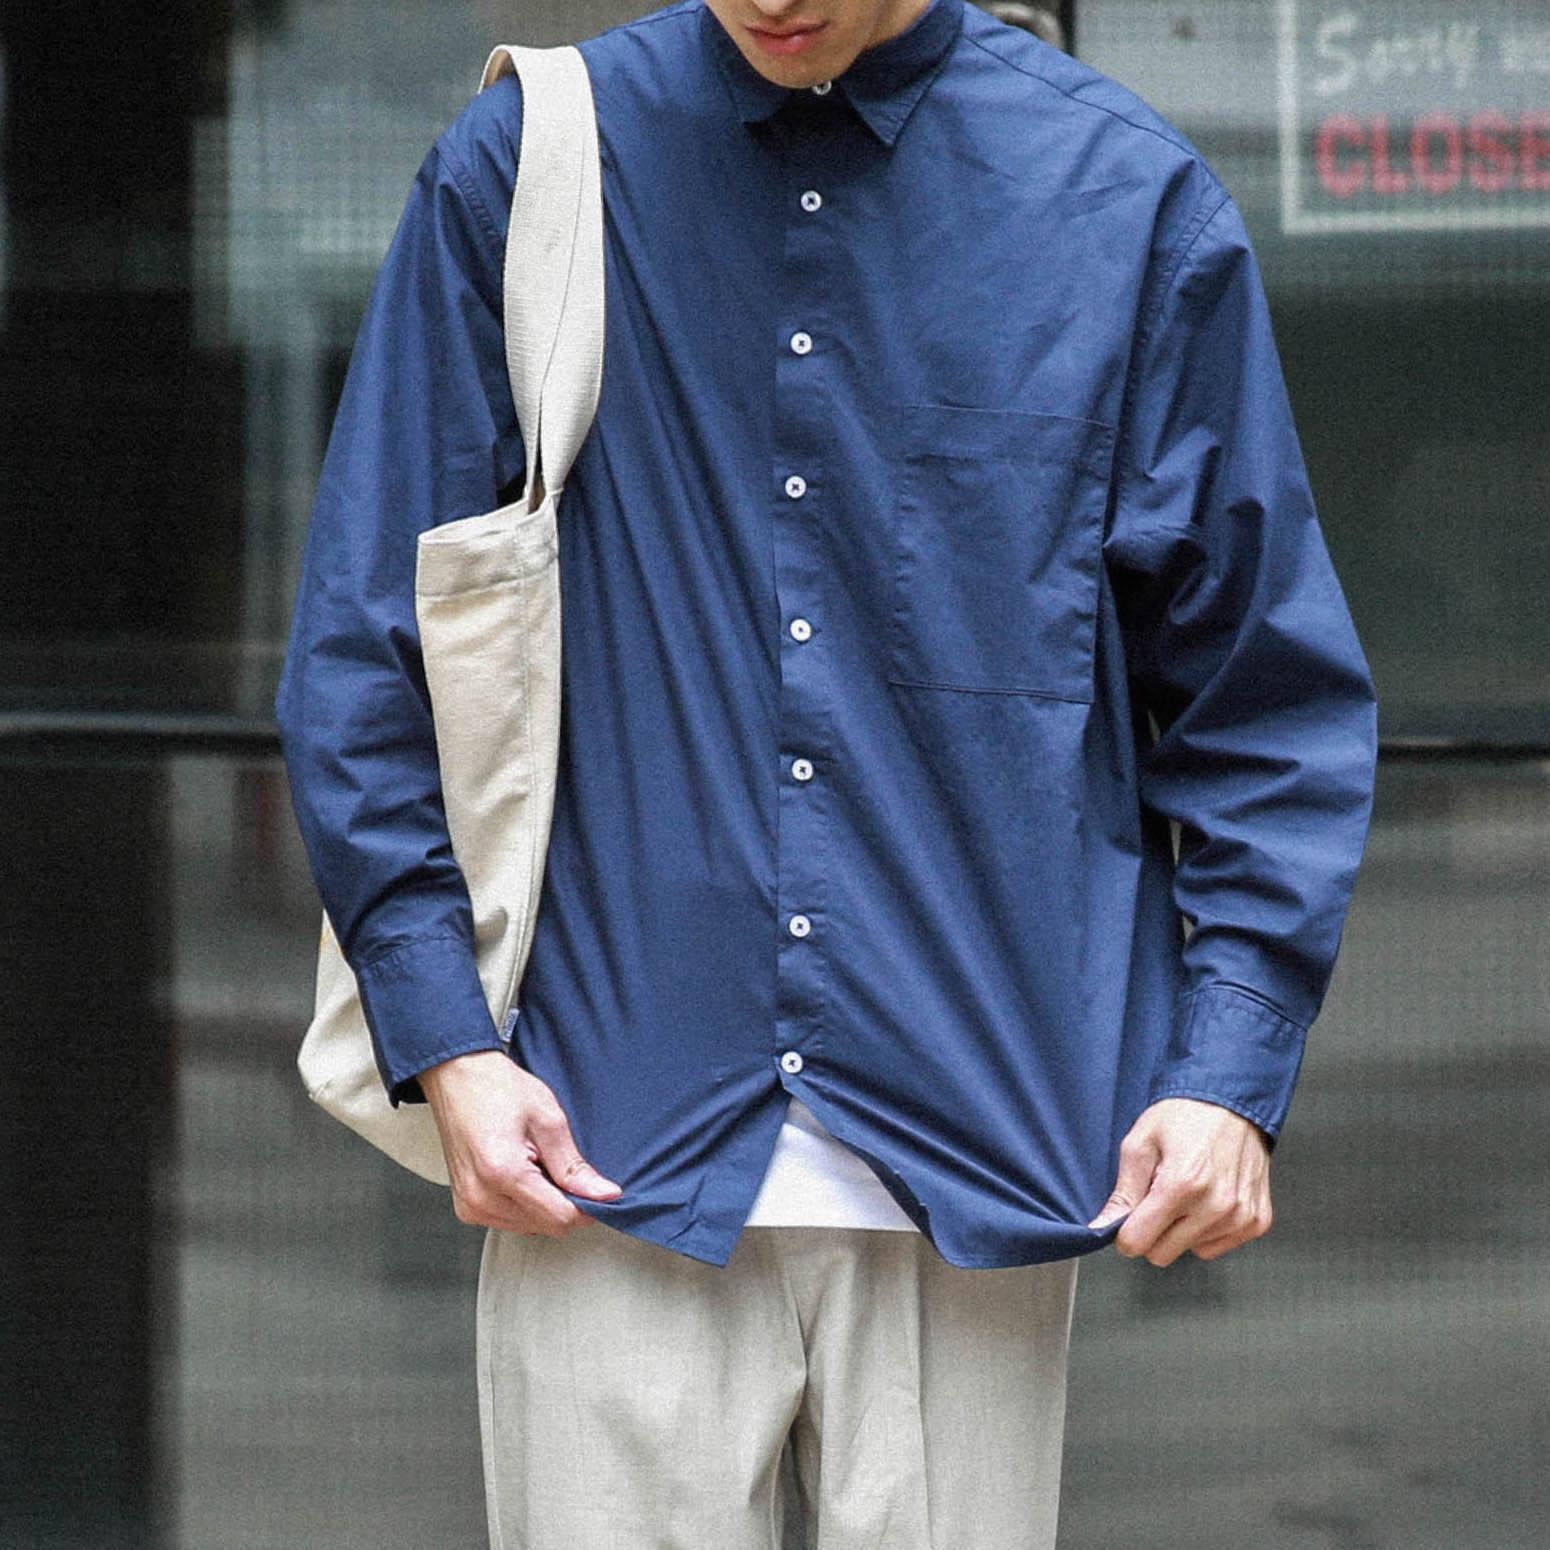 MidnightBlue Shirt 午夜蓝衬衫衬衣宽松日式日系裁剪